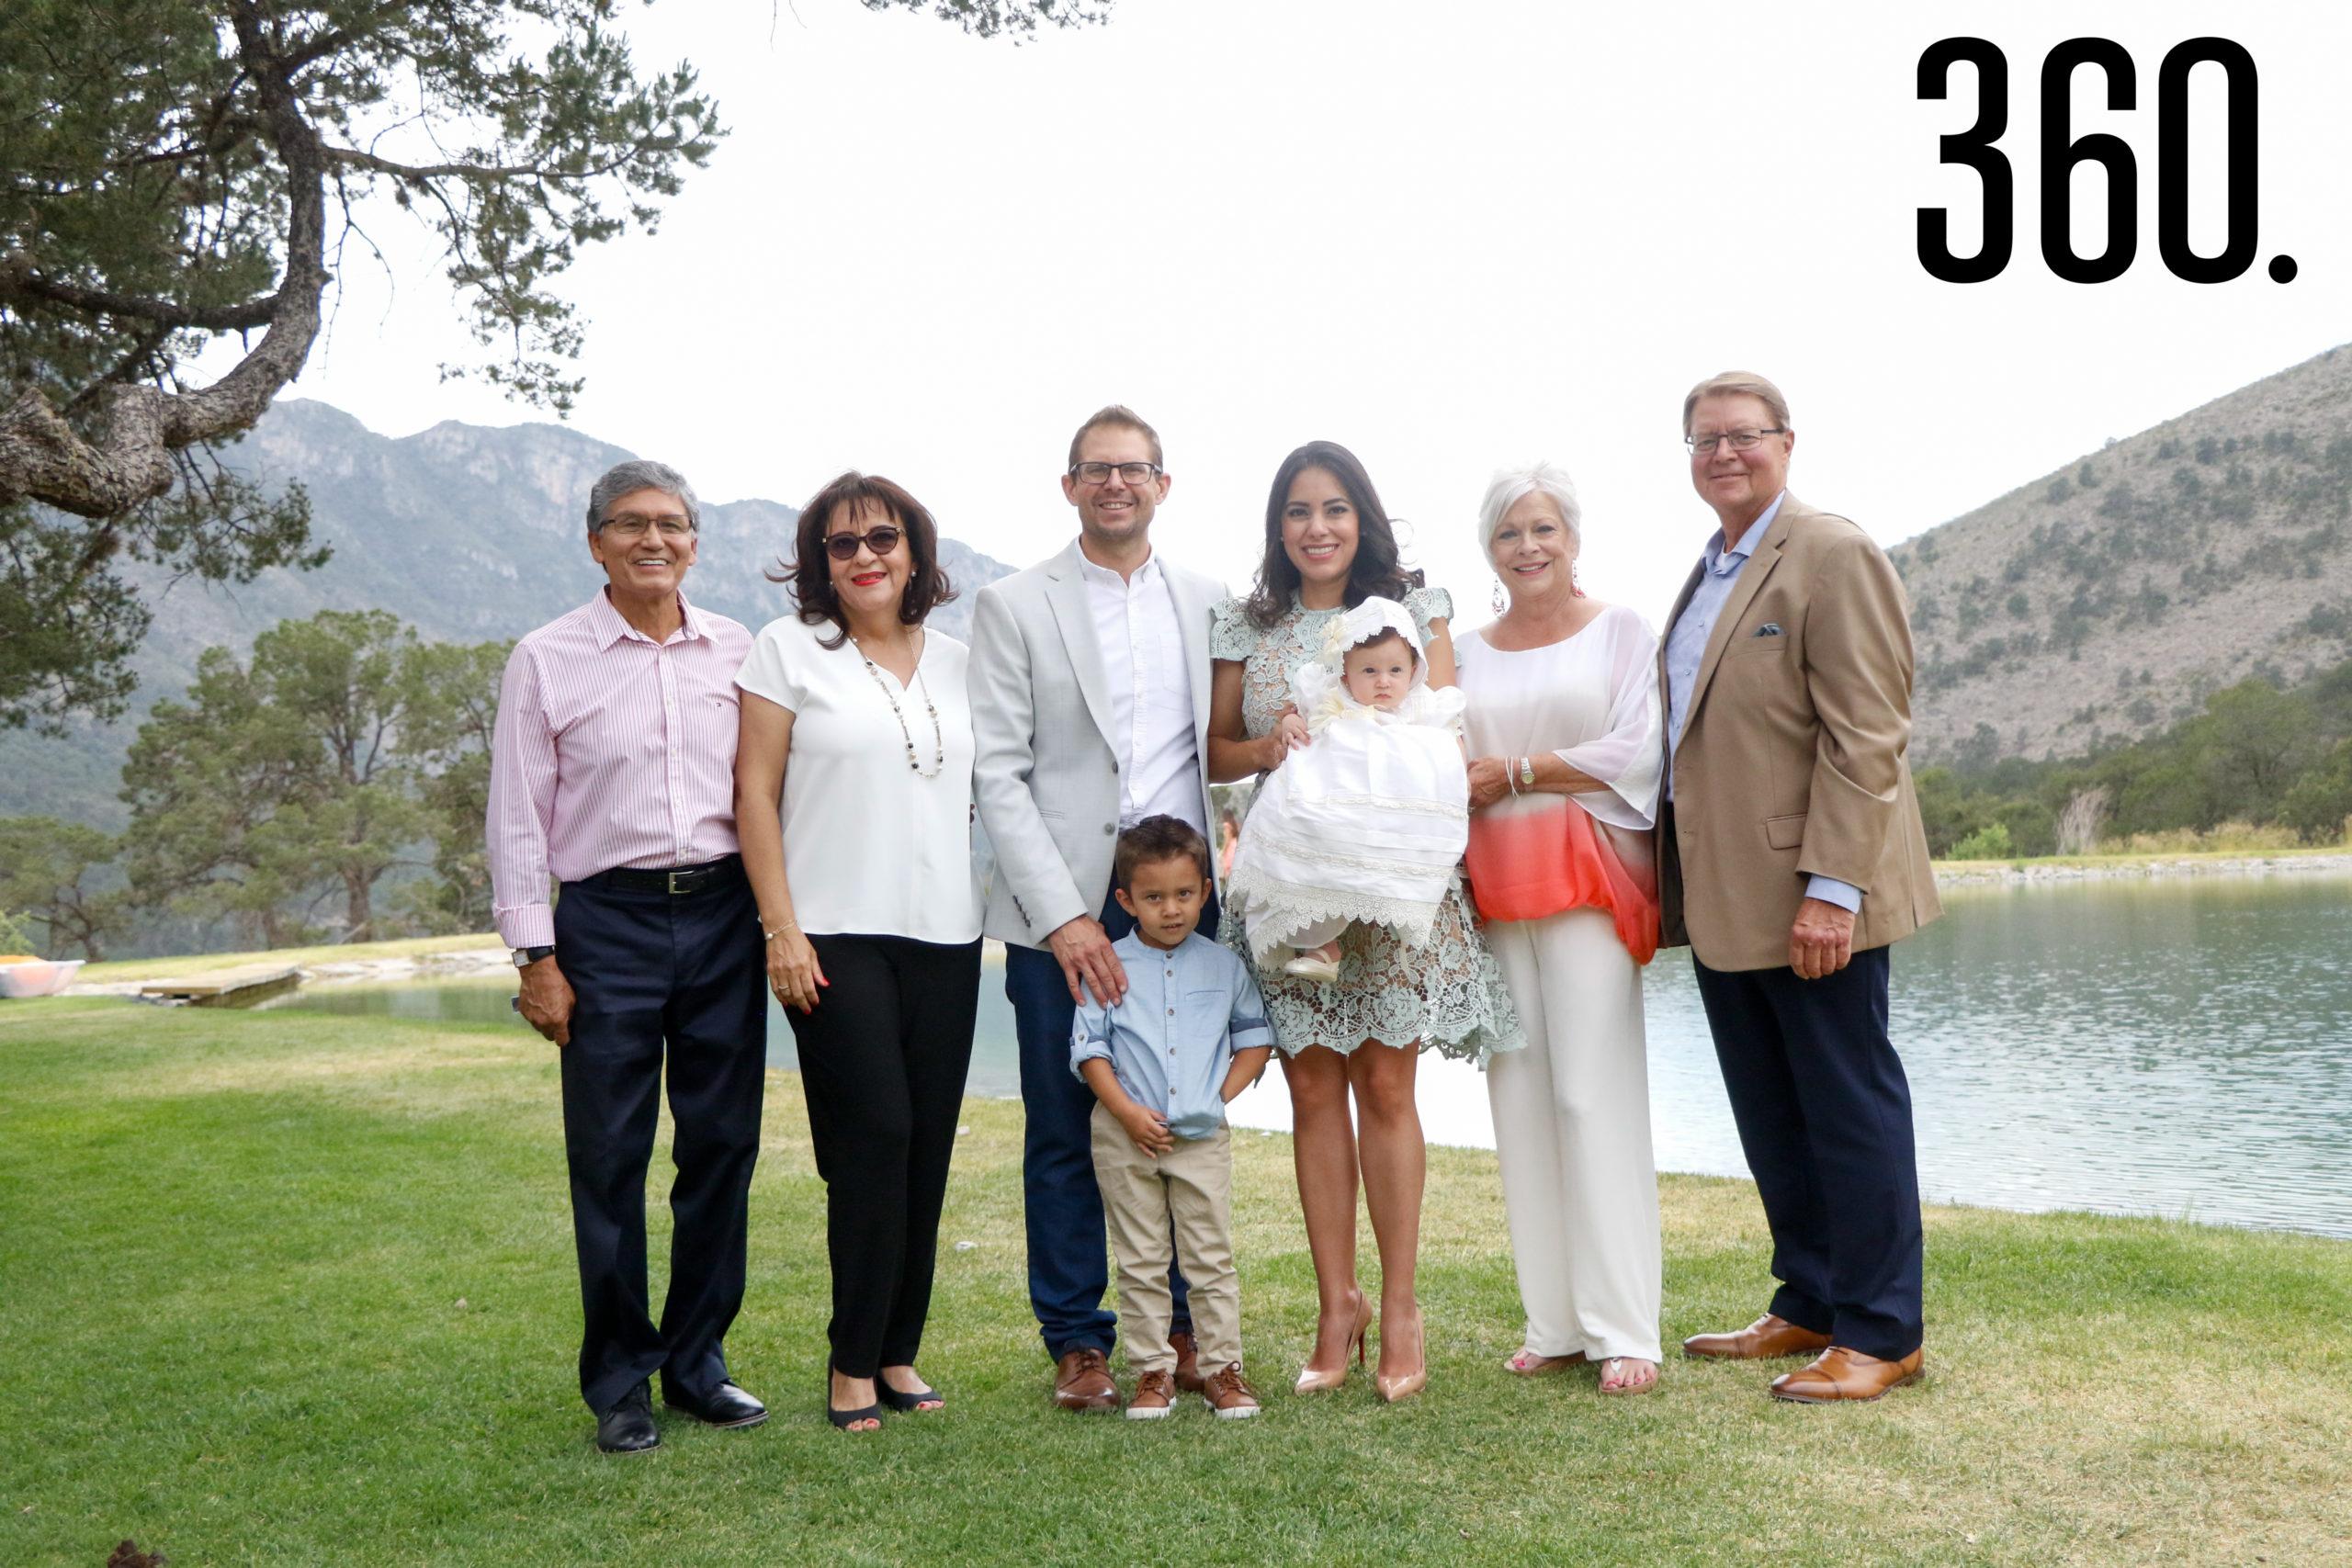 Isabella con sus padres, hermano y abuelos, Alfonso Aguado, Marcela Vázquez, Sebastián, Nina y Jim Galleher.